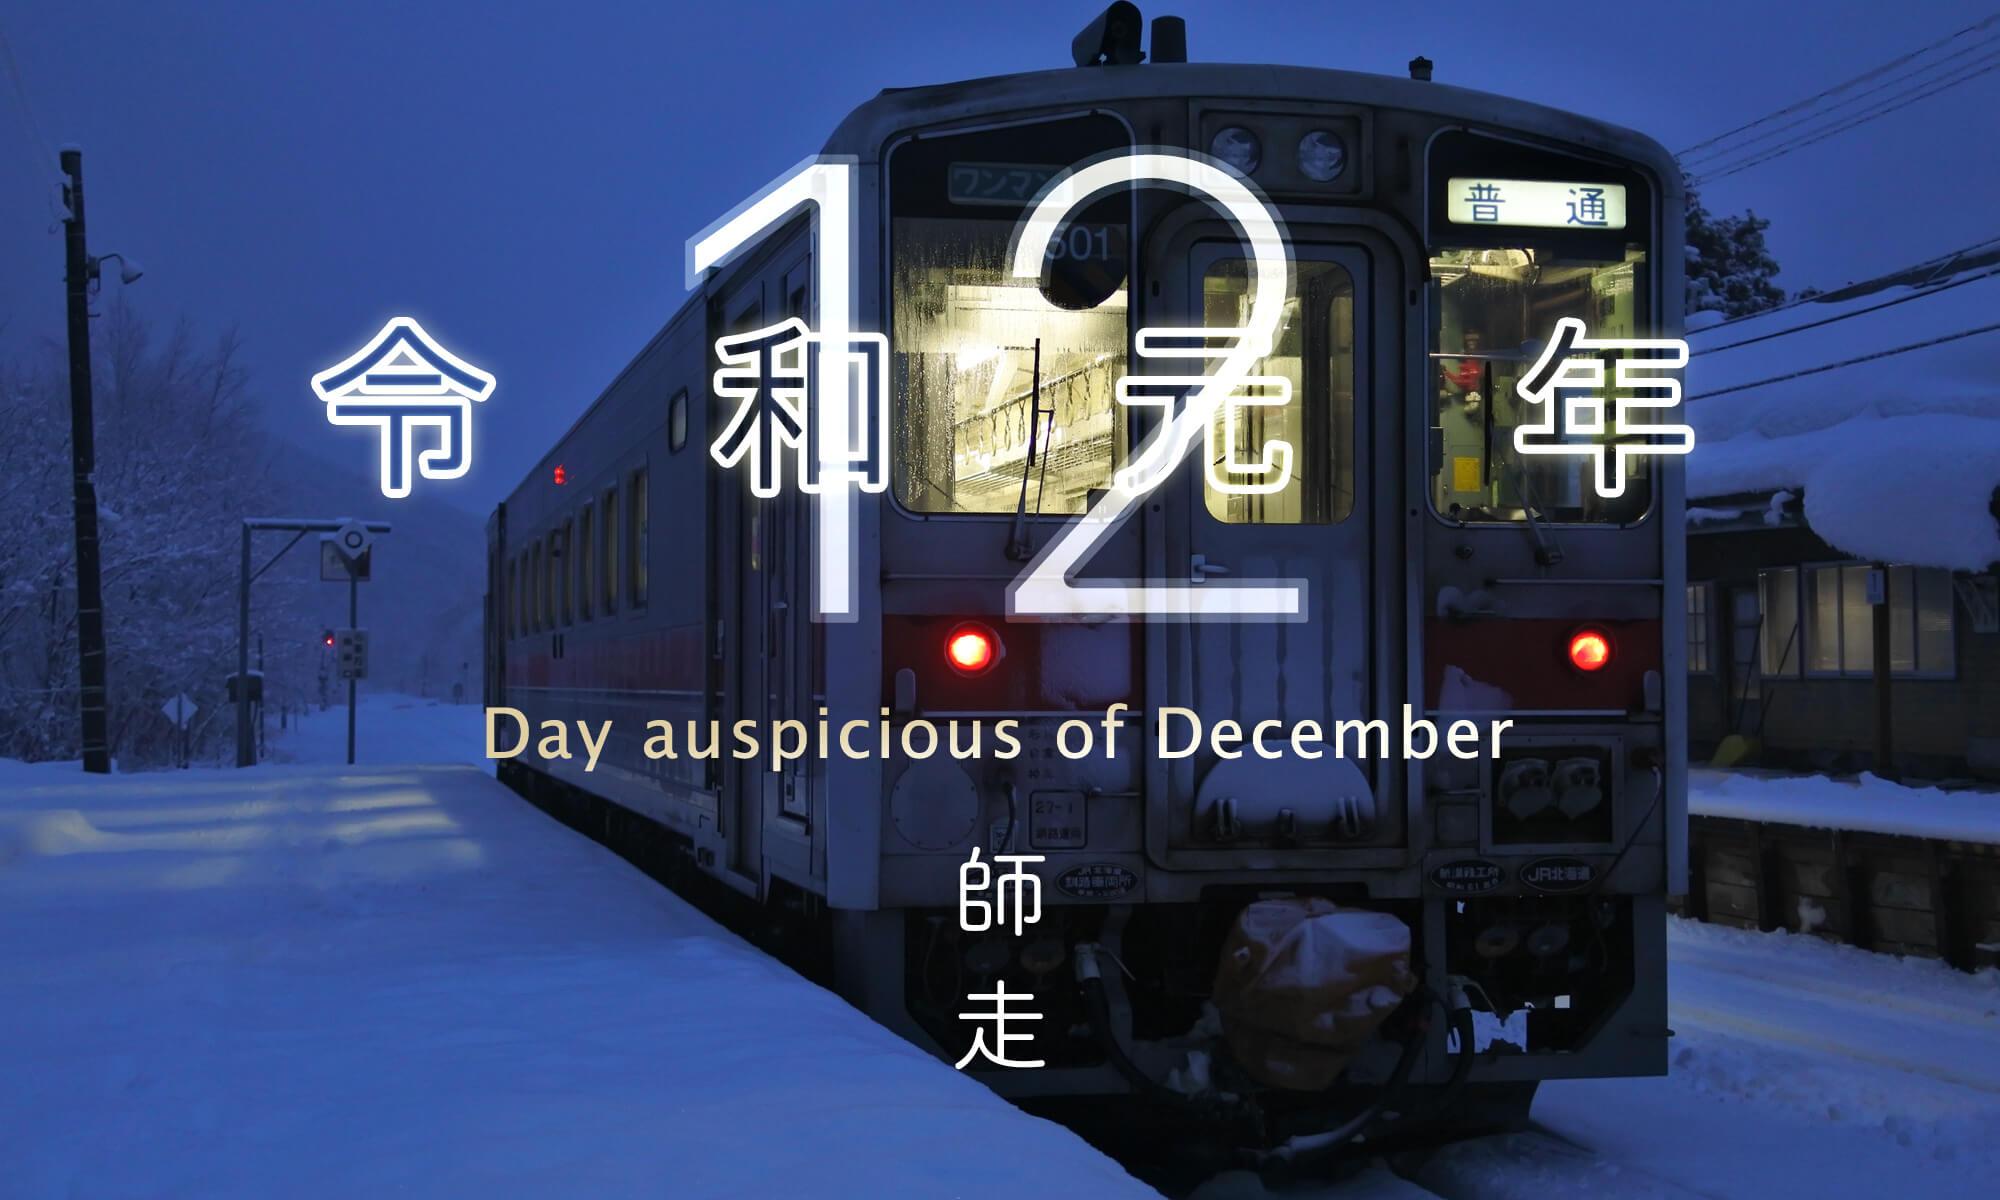 令和元年12月のいい日悪い日ブログのタイトル画像